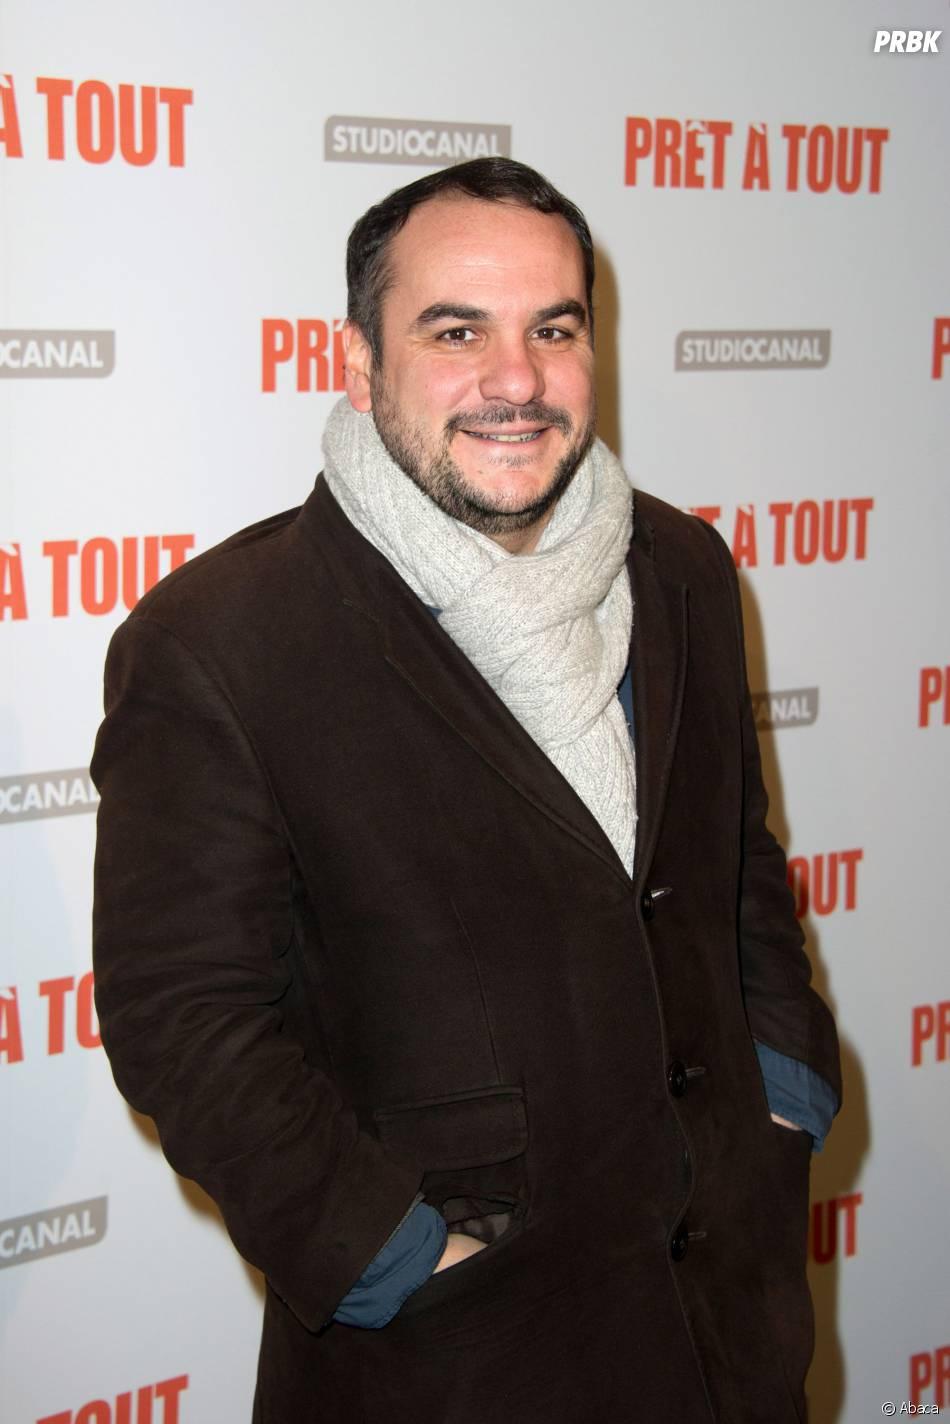 François Xavier-Demaisonà l'avant-première de Prêt à tout, le 13 janvier 2014 à Paris